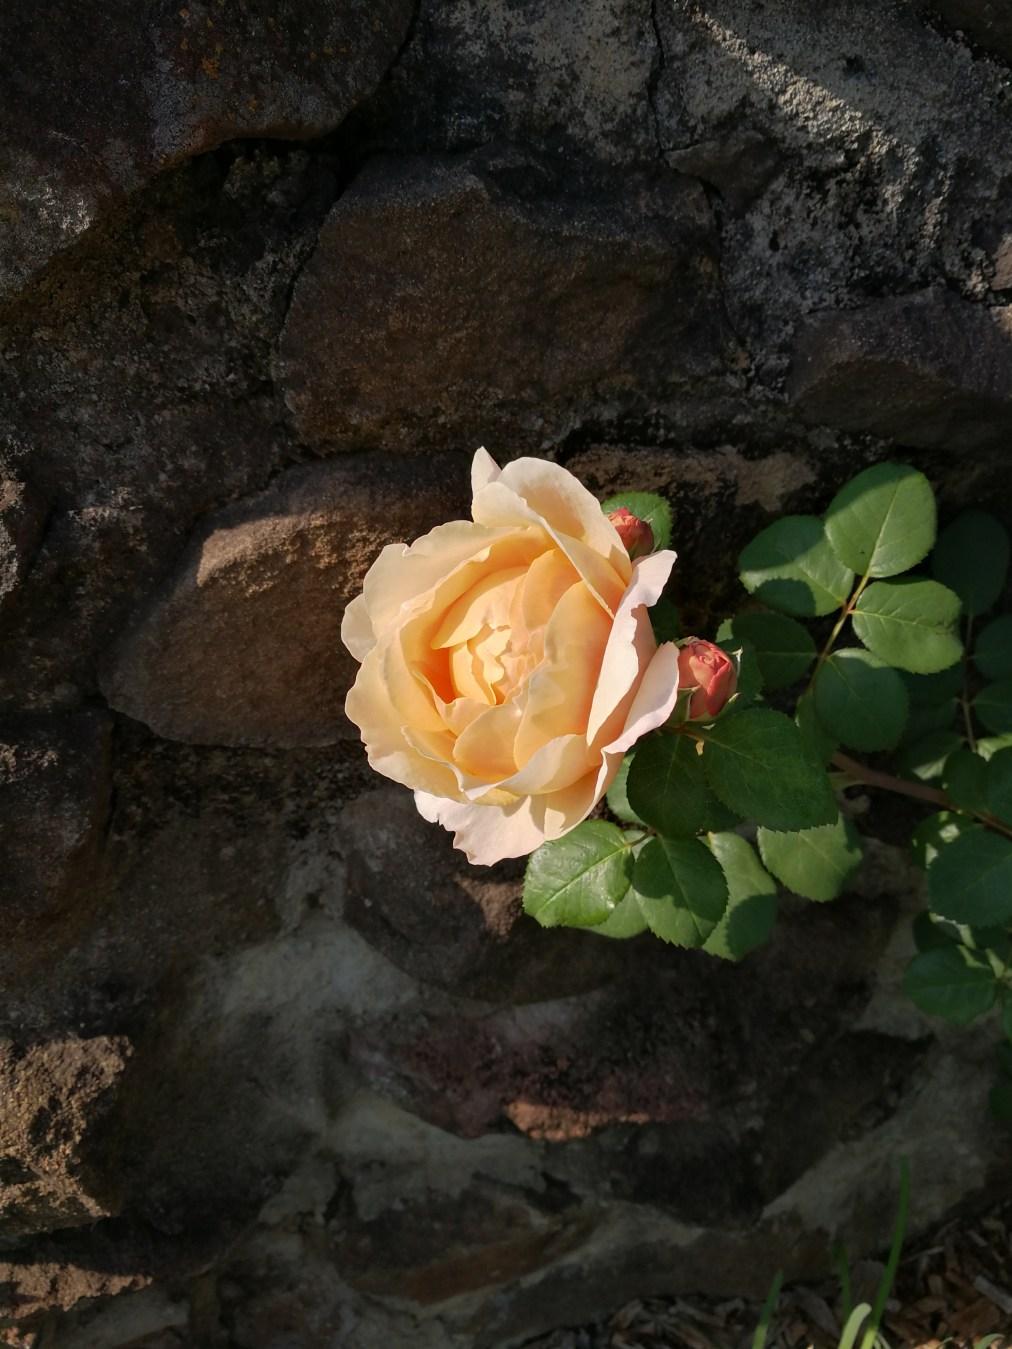 Roses make a comeback